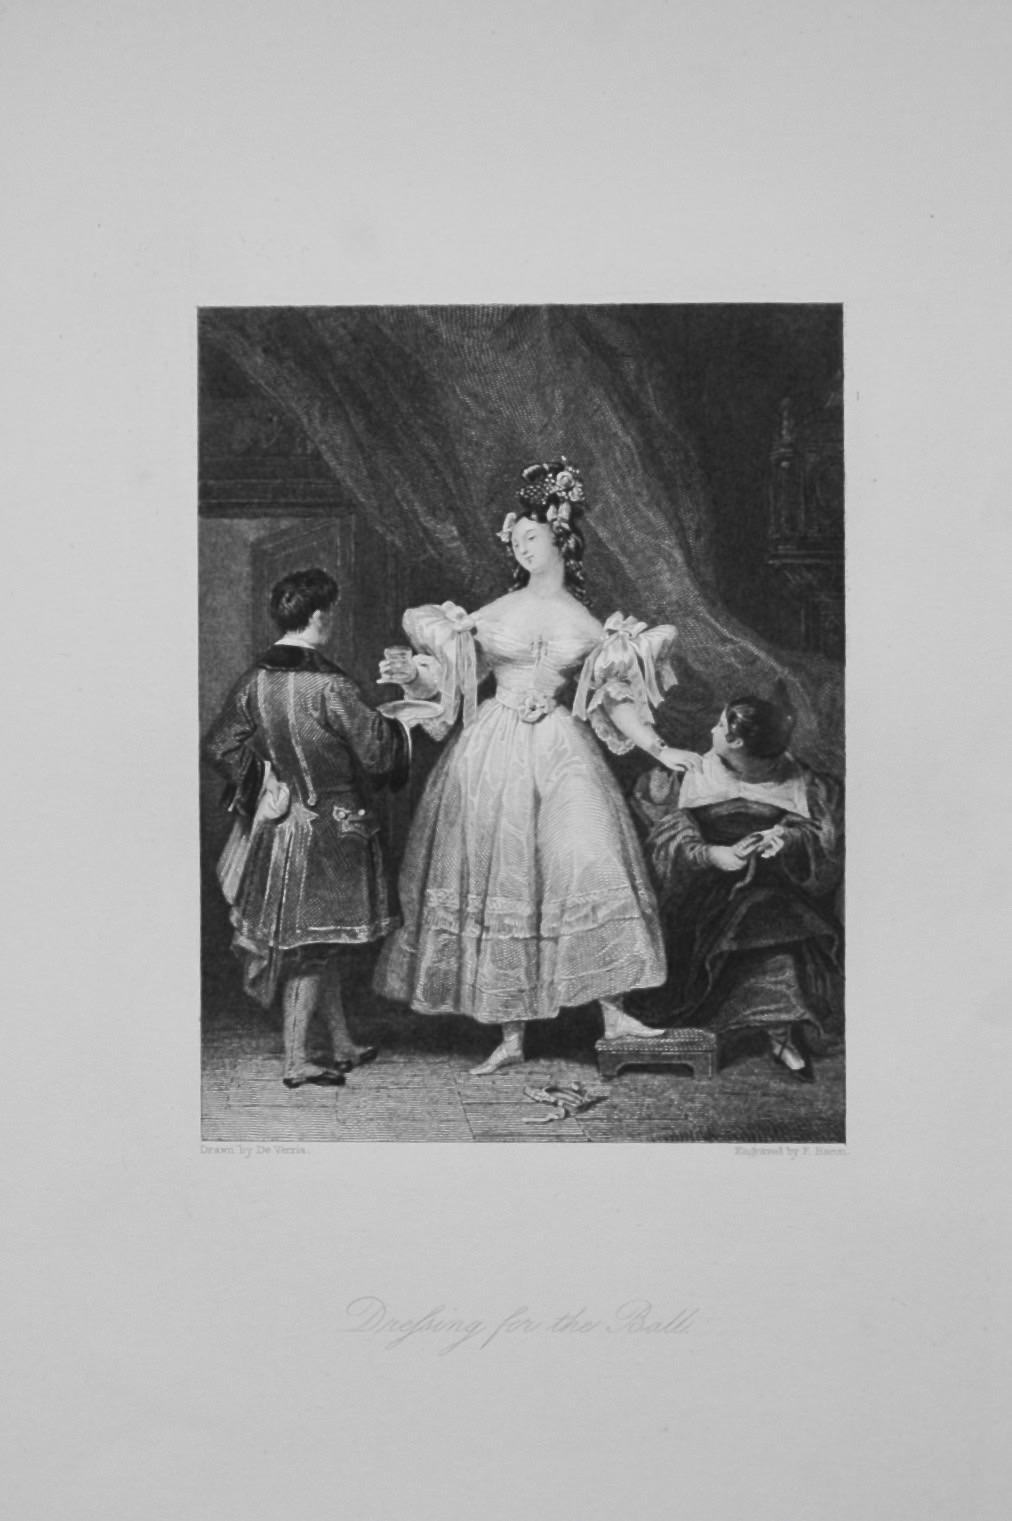 Theresa and the Countess.